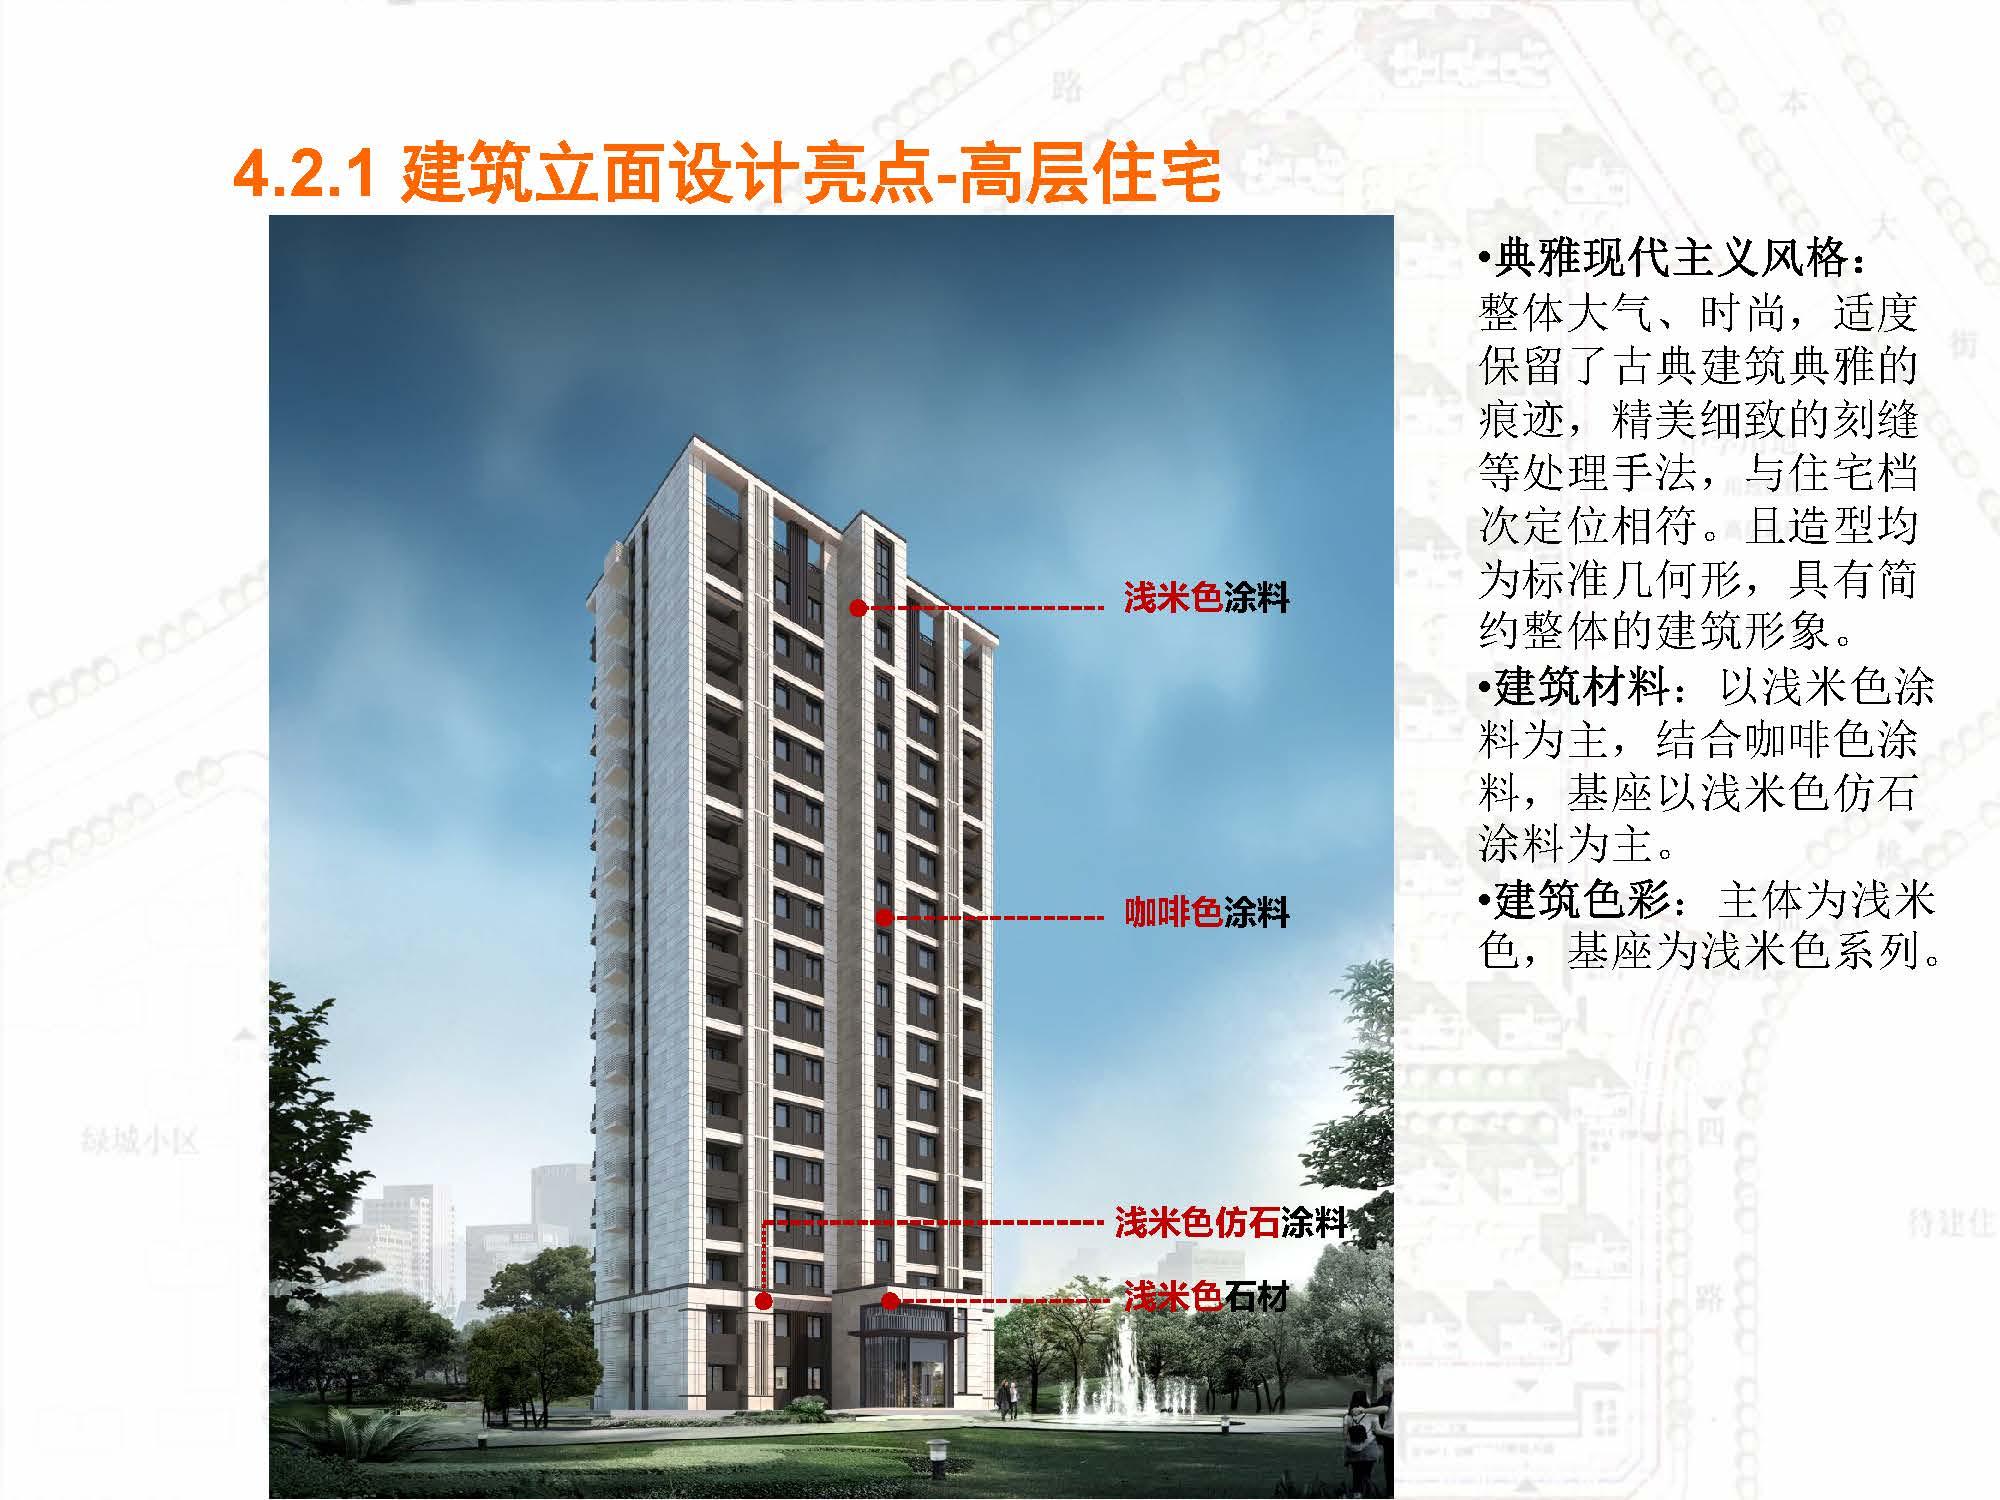 中海沈阳销售手册20180809--EPG--建筑设计理念及亮点 _页面_26.jpg